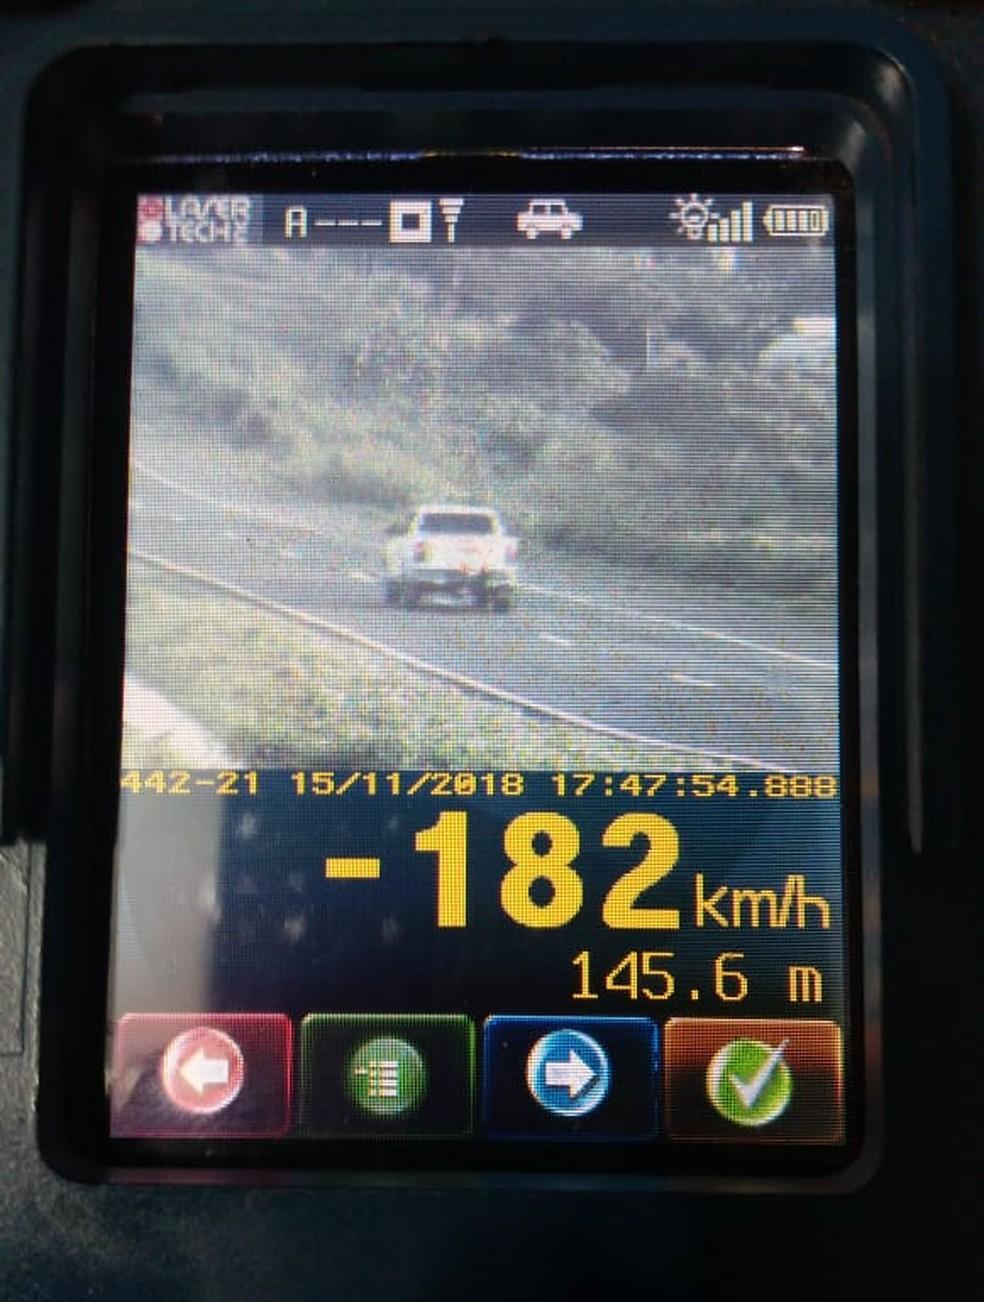 Veículo foi flagrado a 182 km/h na BR-364 em MT — Foto: PRF/Divulgação